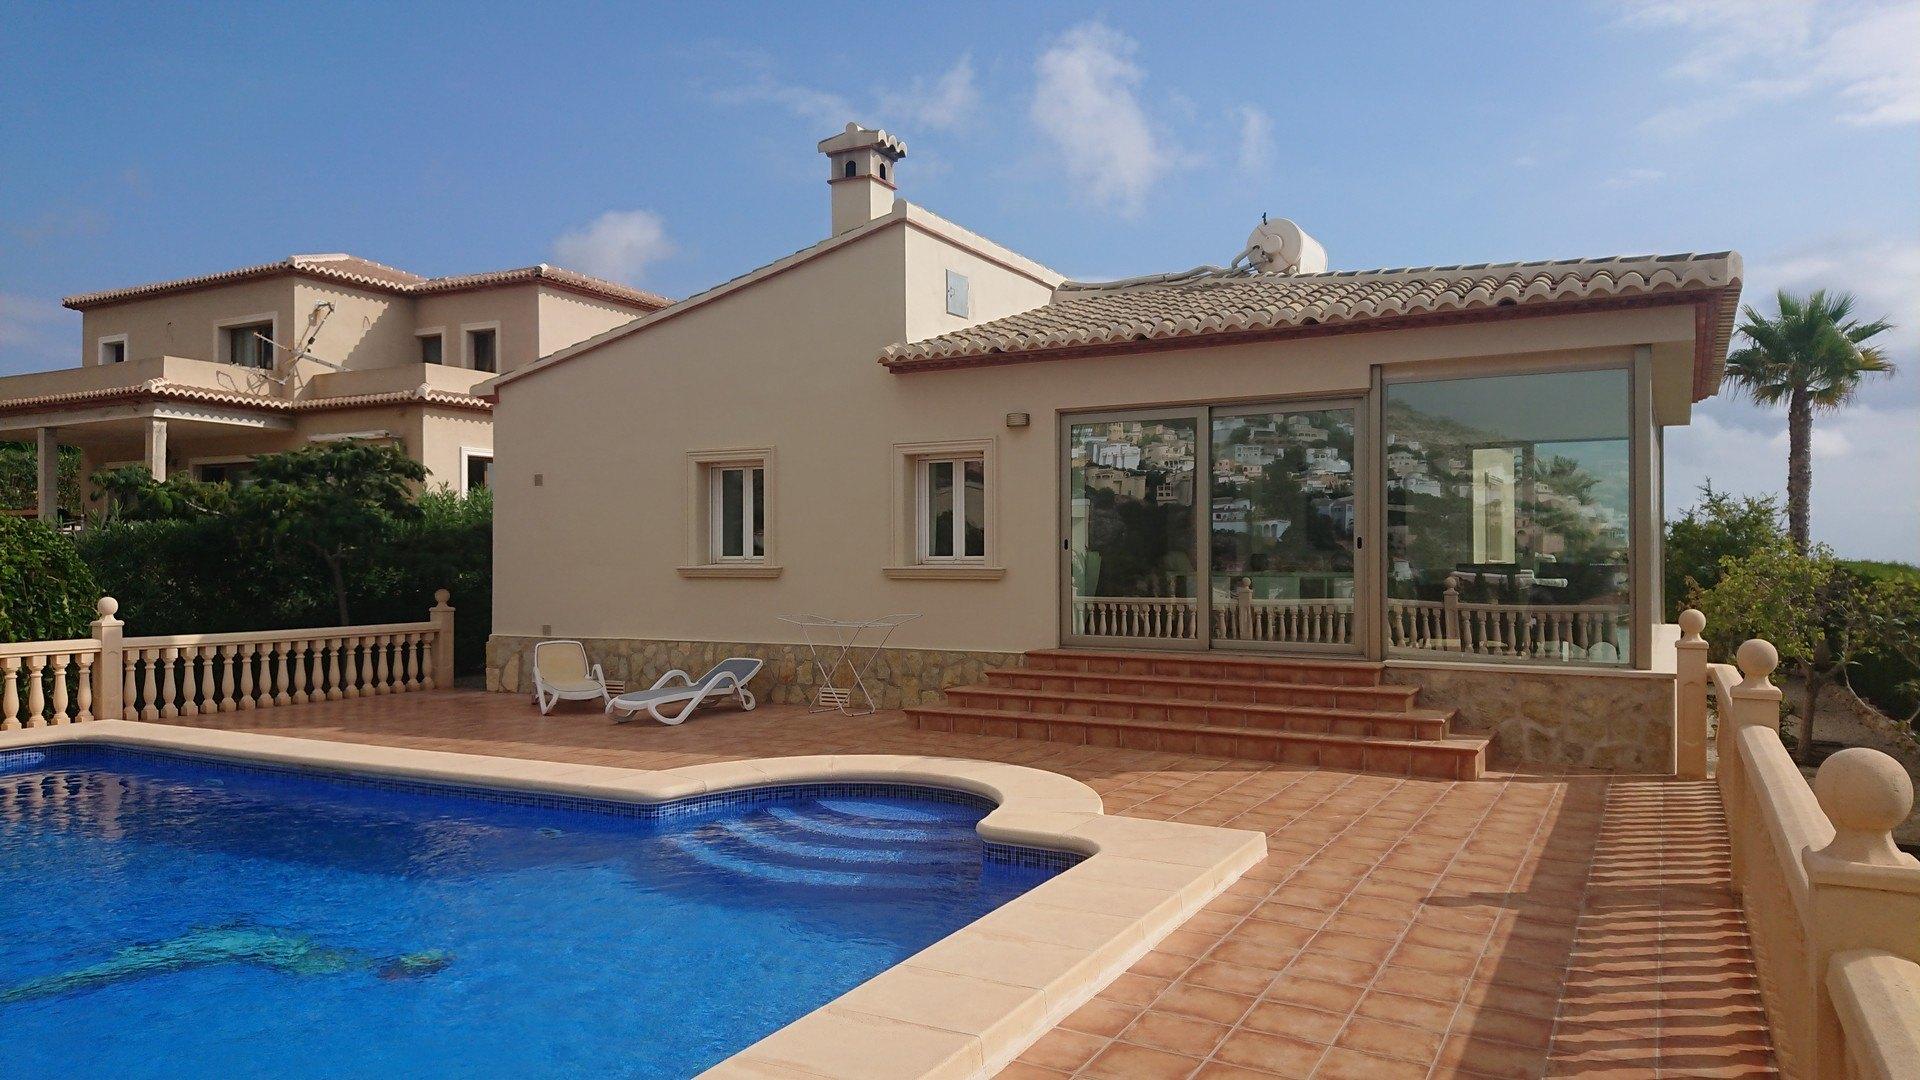 Photogallery - 2 - Build a villa in Moraira: villas for sale in Moraira